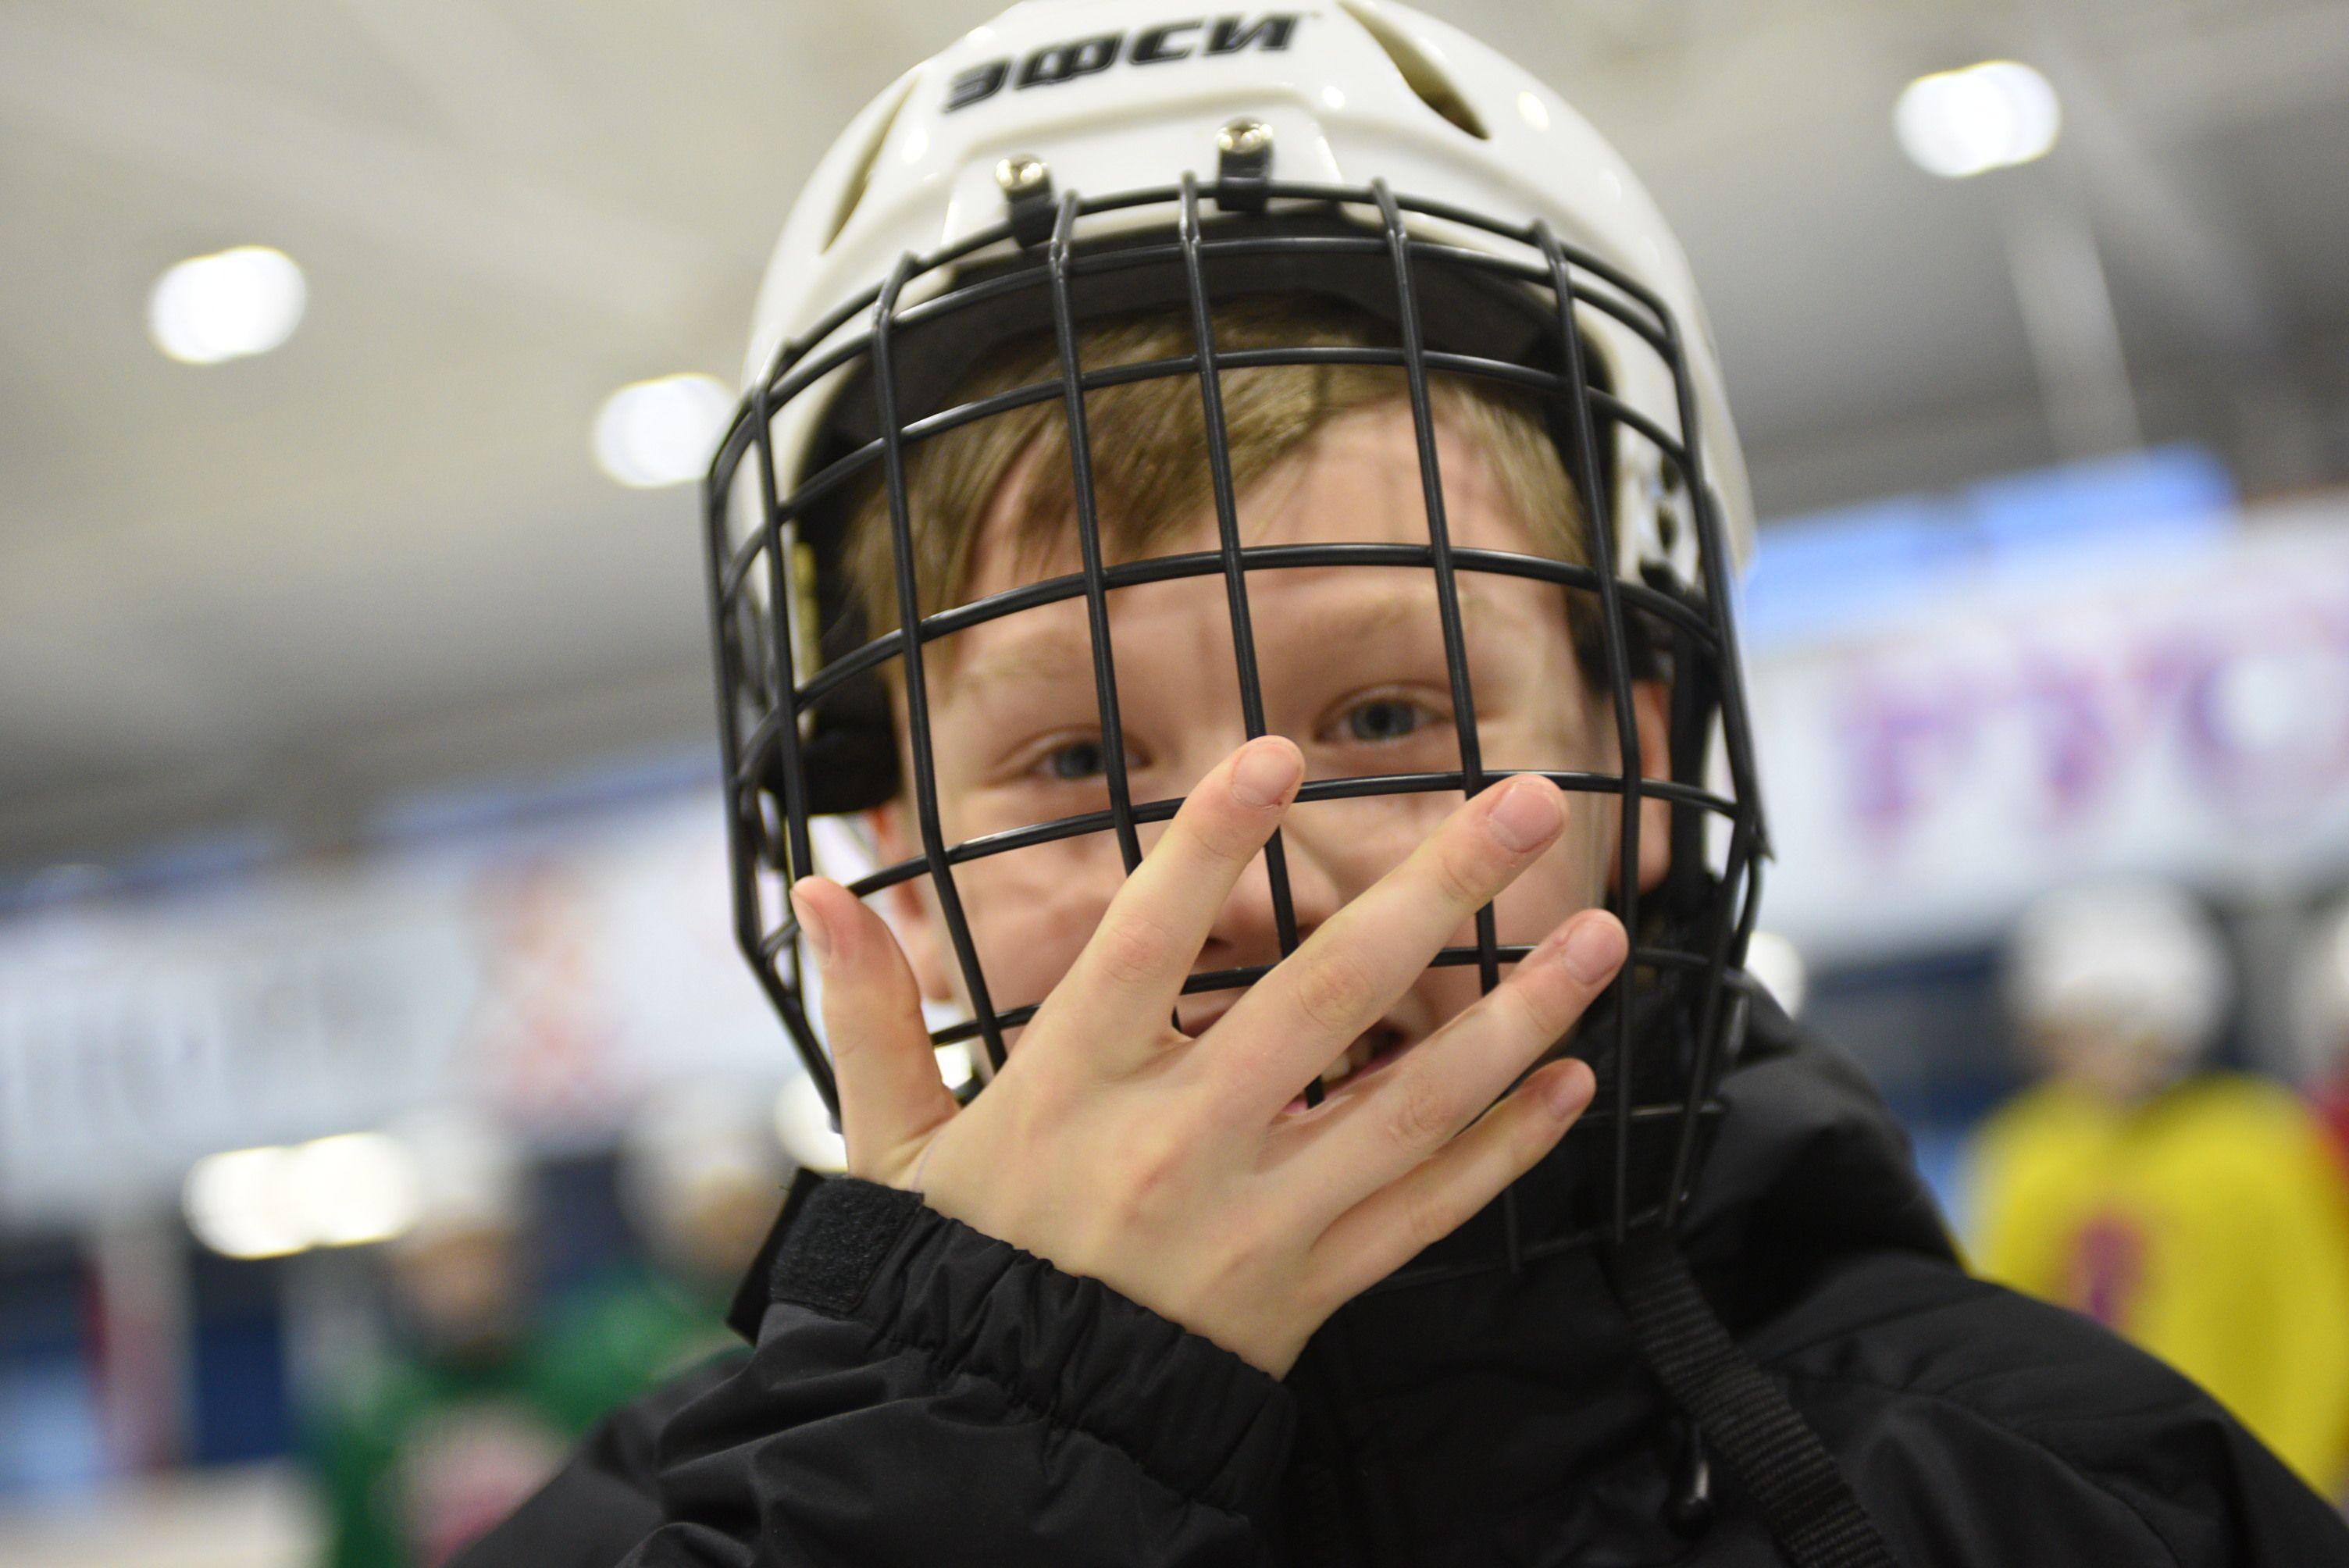 Трус не играет в хоккей: игроки хоккейного клуба «Русь» получили новую форму